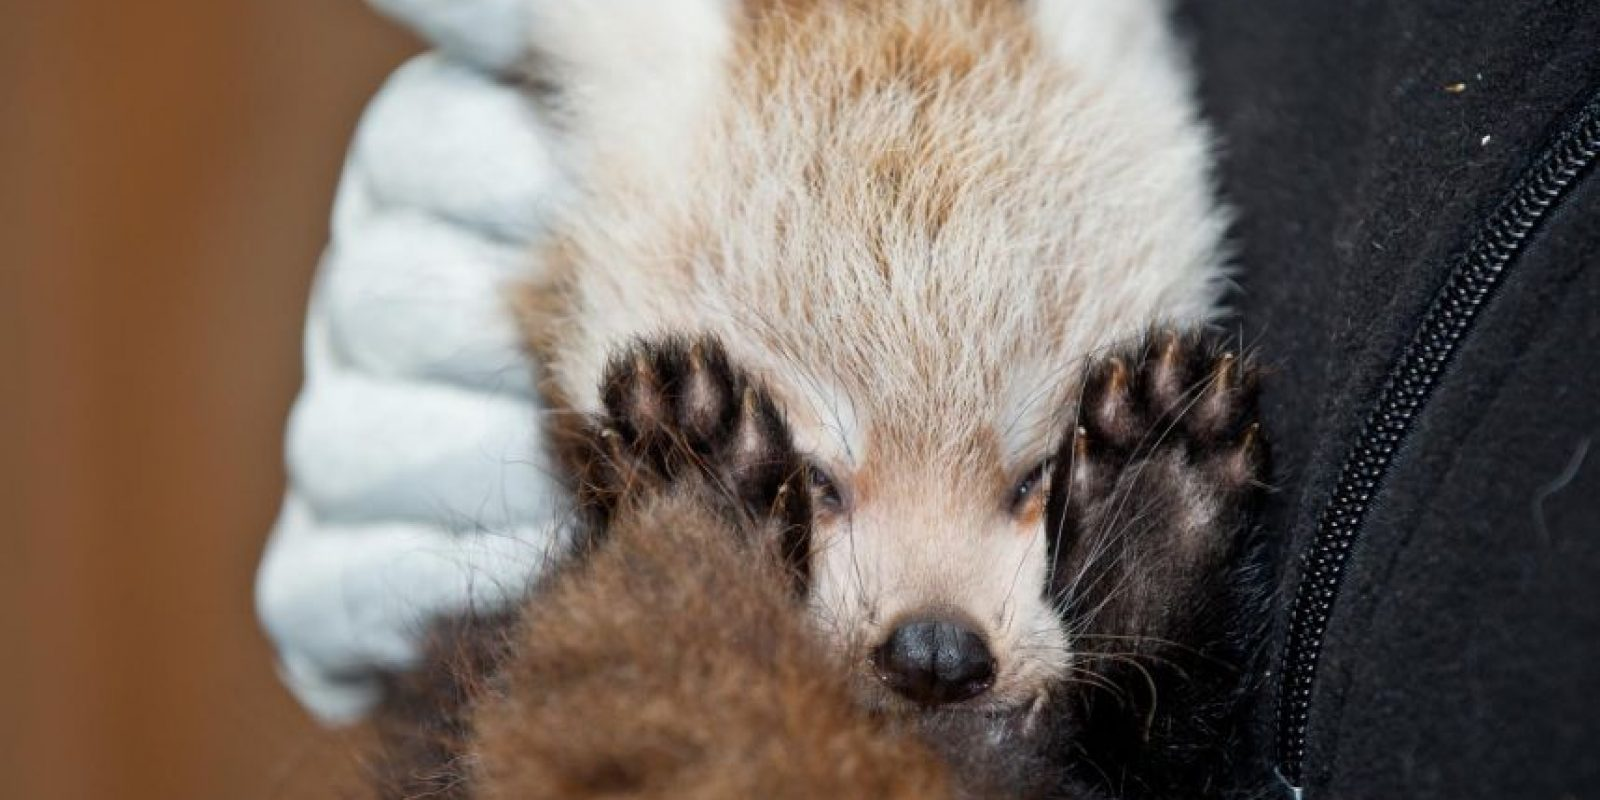 En un zoológico alemán nació este bebé panda rojo que se esconde detrás de sus garras por temor a las cámaras. Foto: AFP